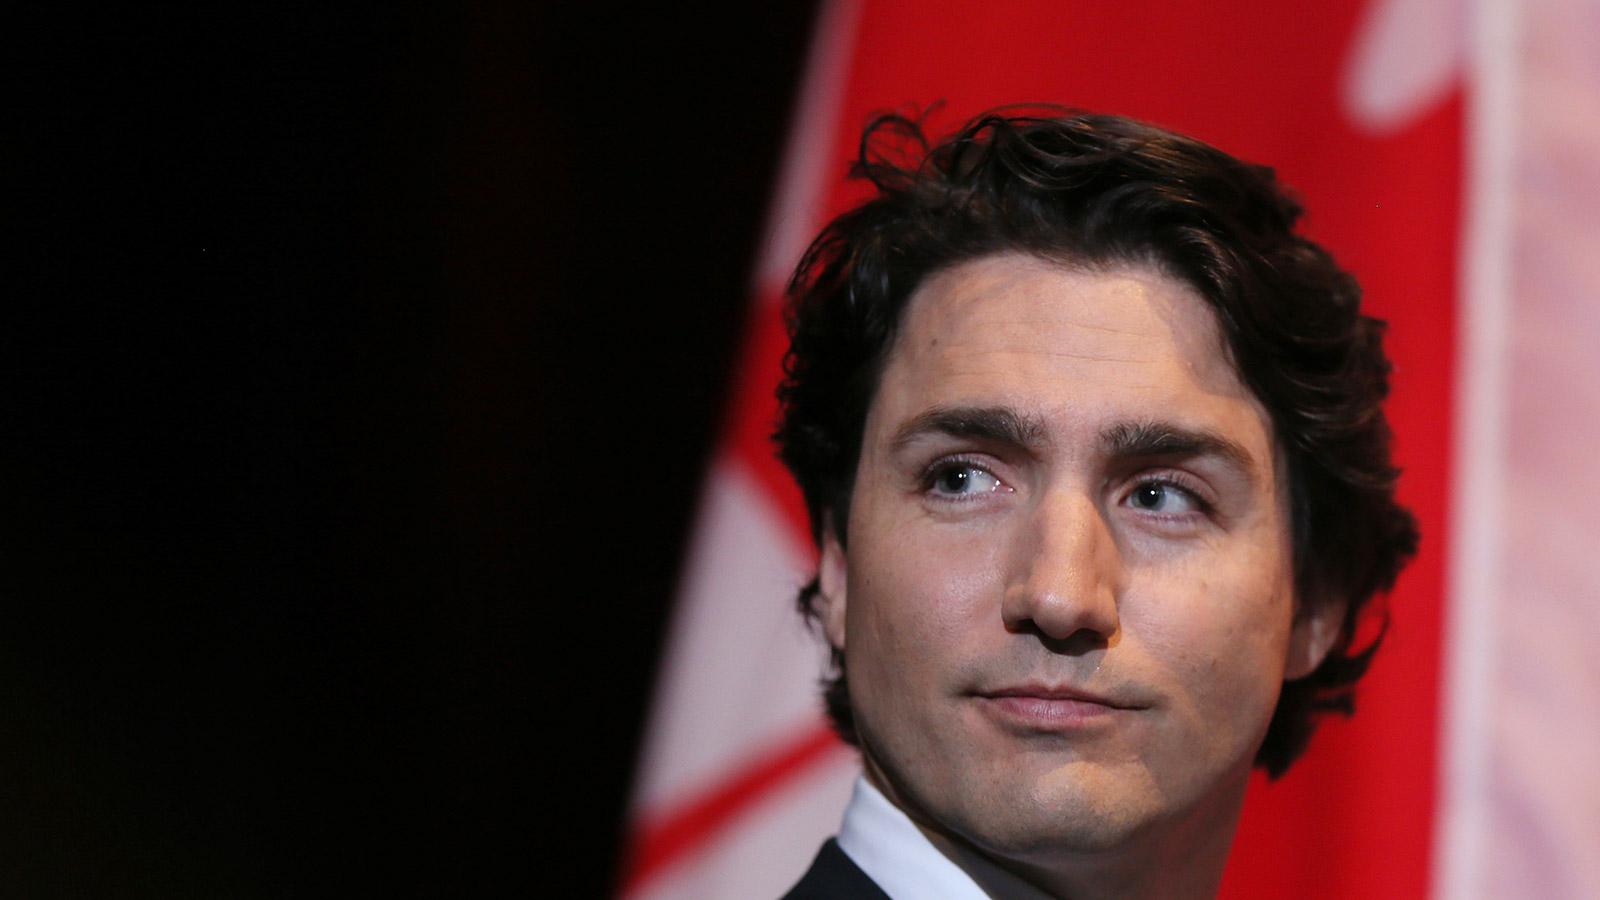 il nuovo primo ministro canadese governo metà al femminile